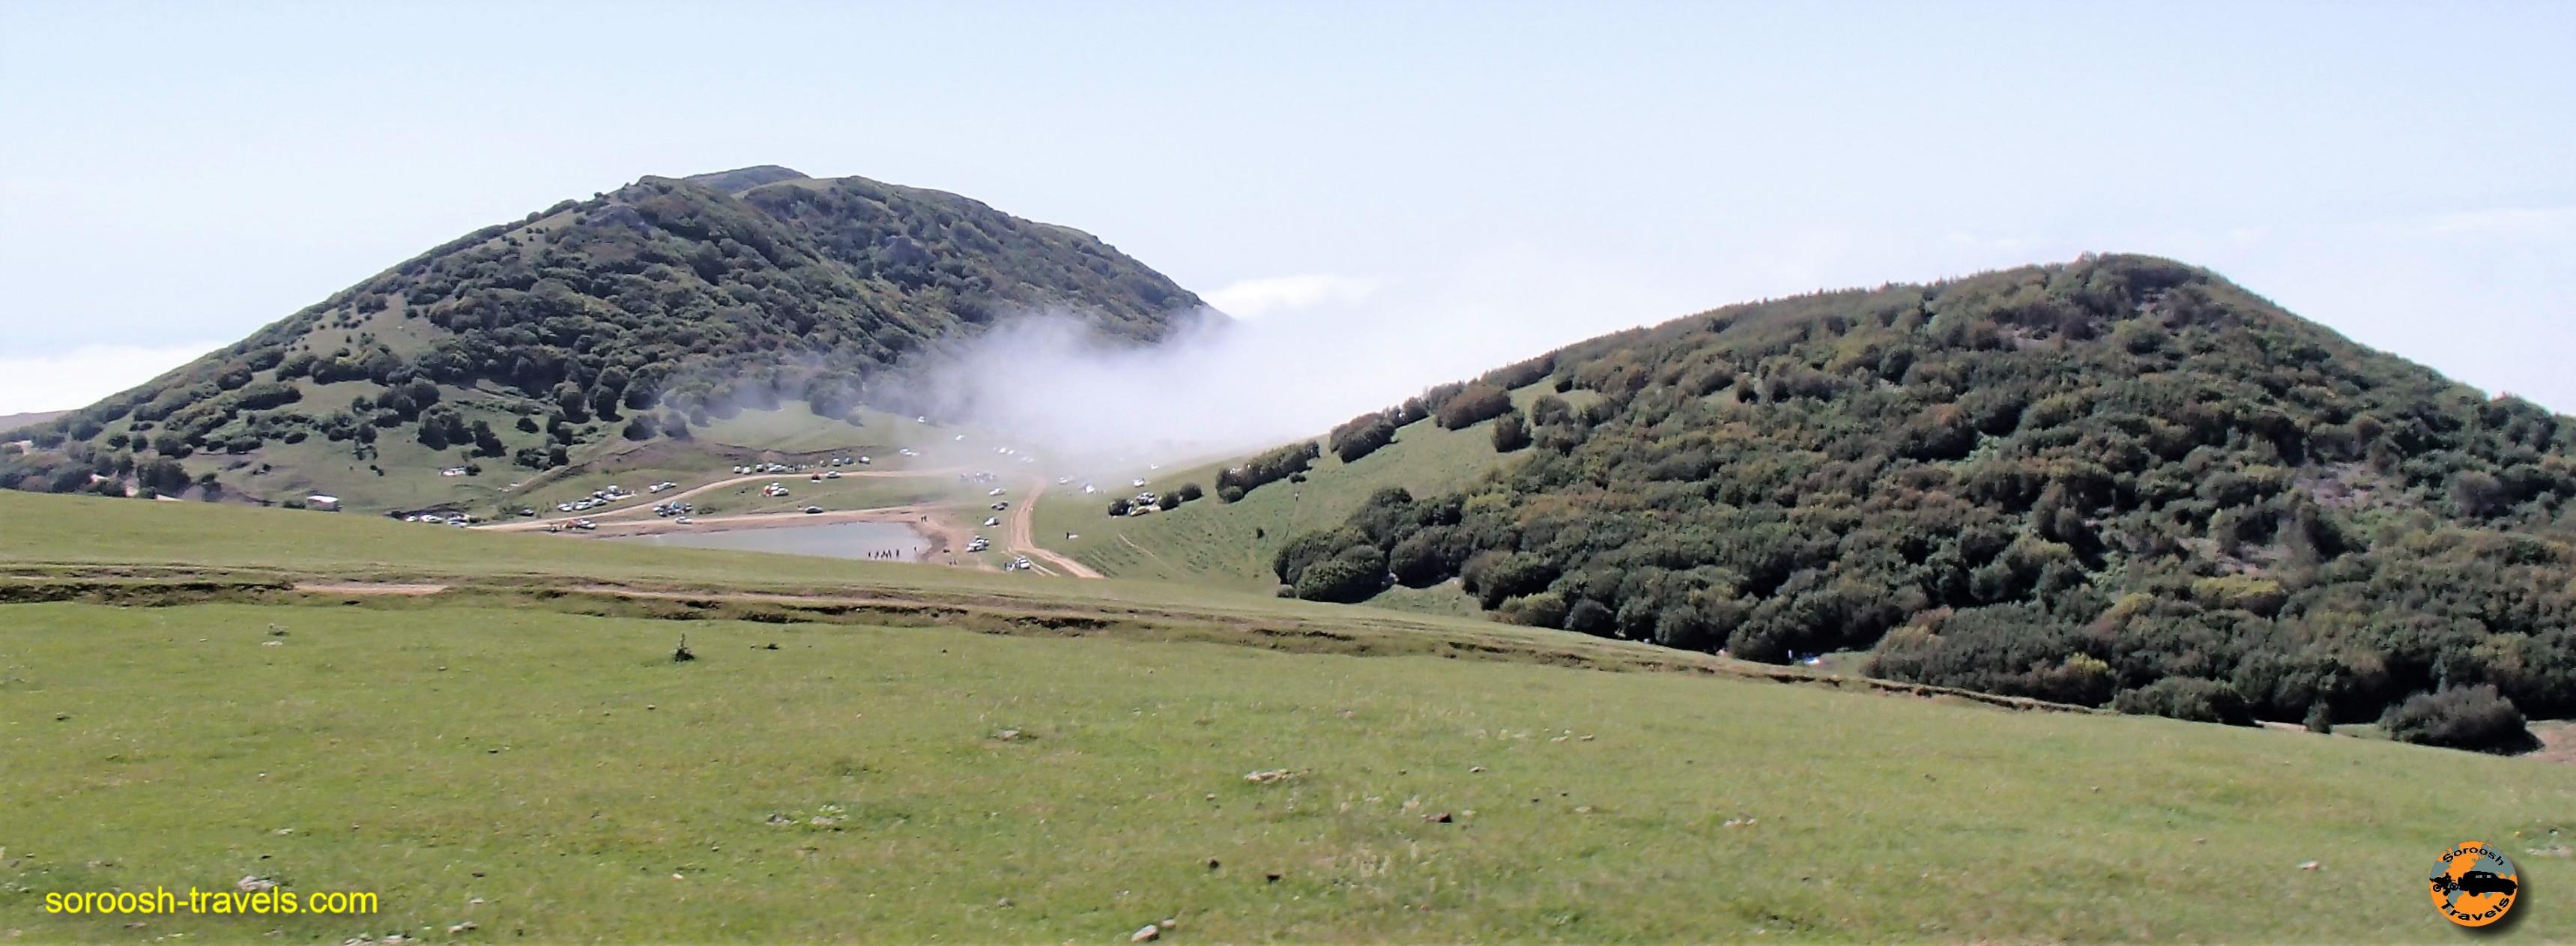 عکس دریاچه سوها - تابستان ۱۳۹۶